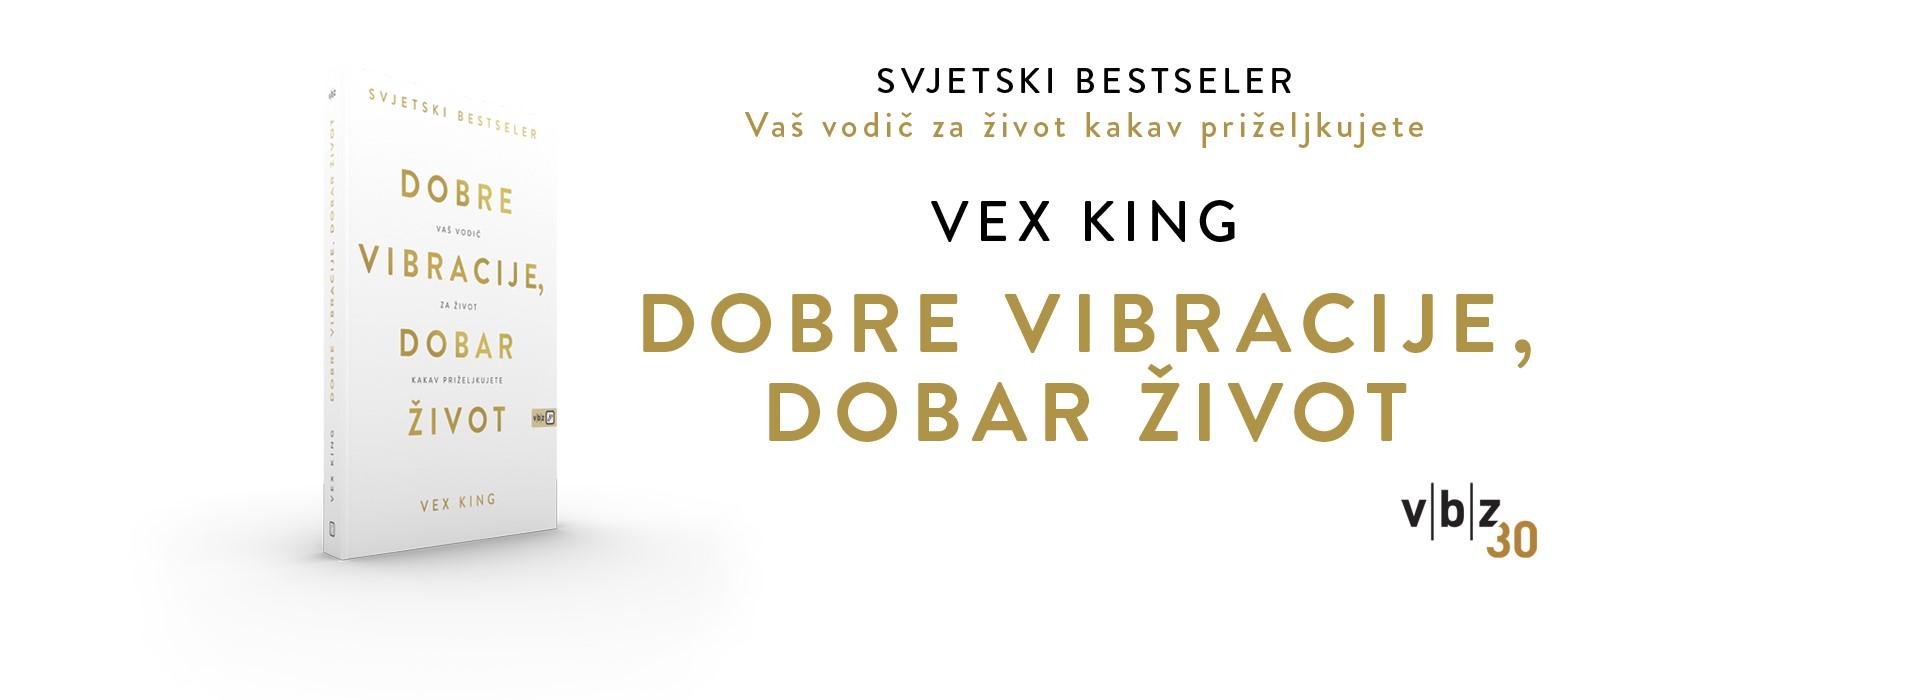 vex king dobre vibracije 1920 x 700